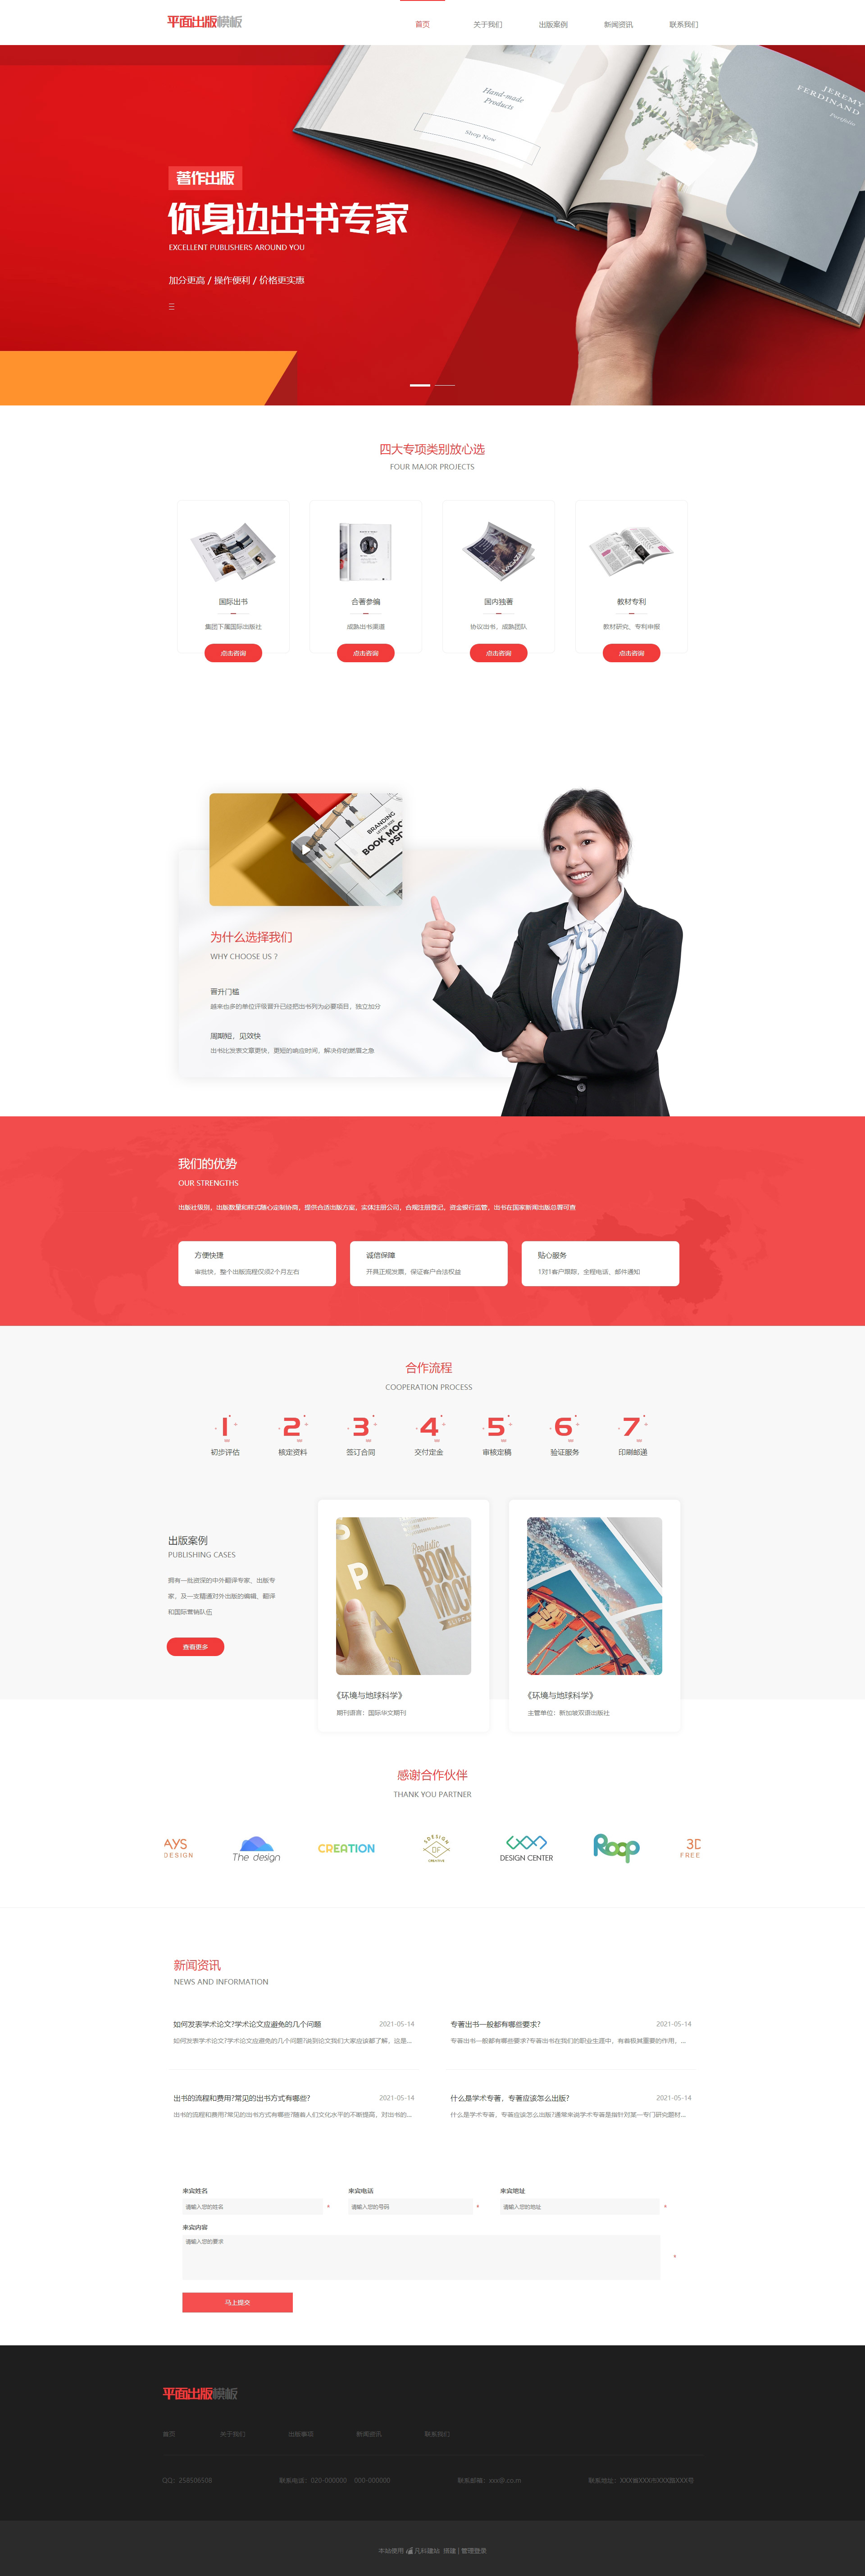 平面出版-免费网站模板